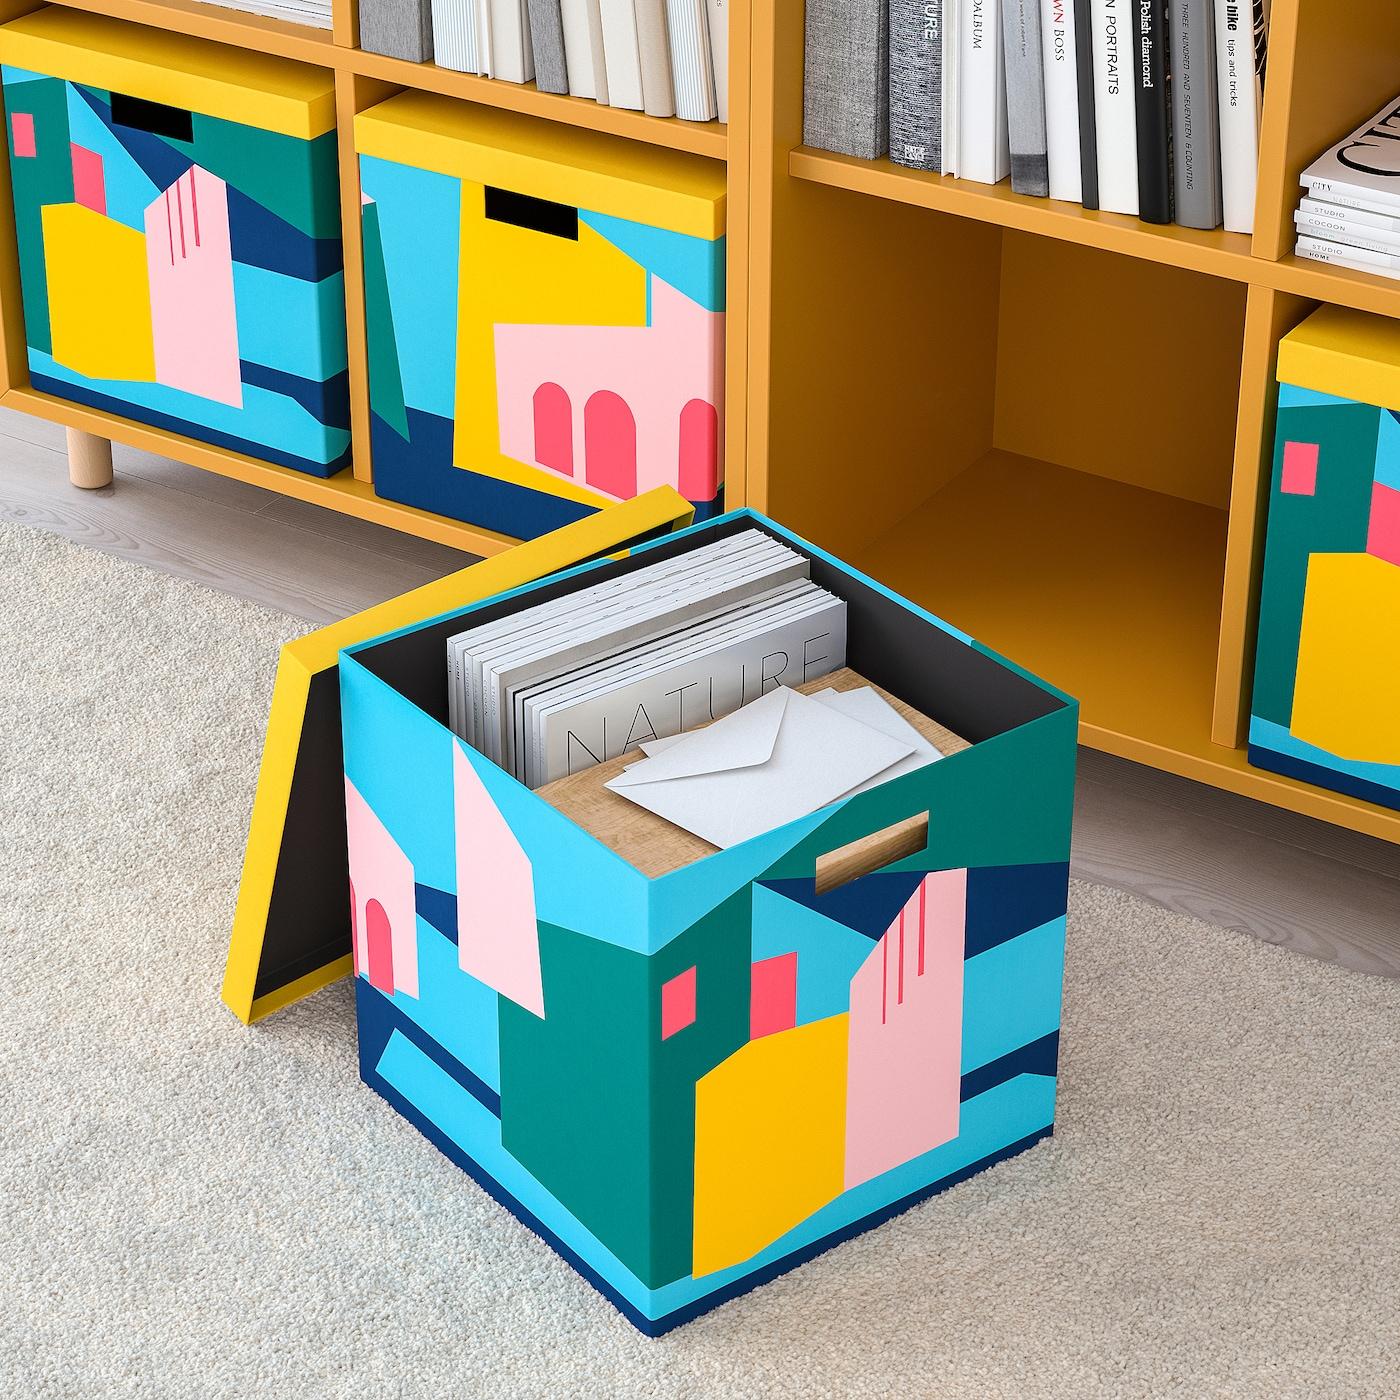 Full Size of Cocoon Modulküche Tjena Kasten Mit Deckel Gelb Ikea Sterreich Holz Wohnzimmer Cocoon Modulküche